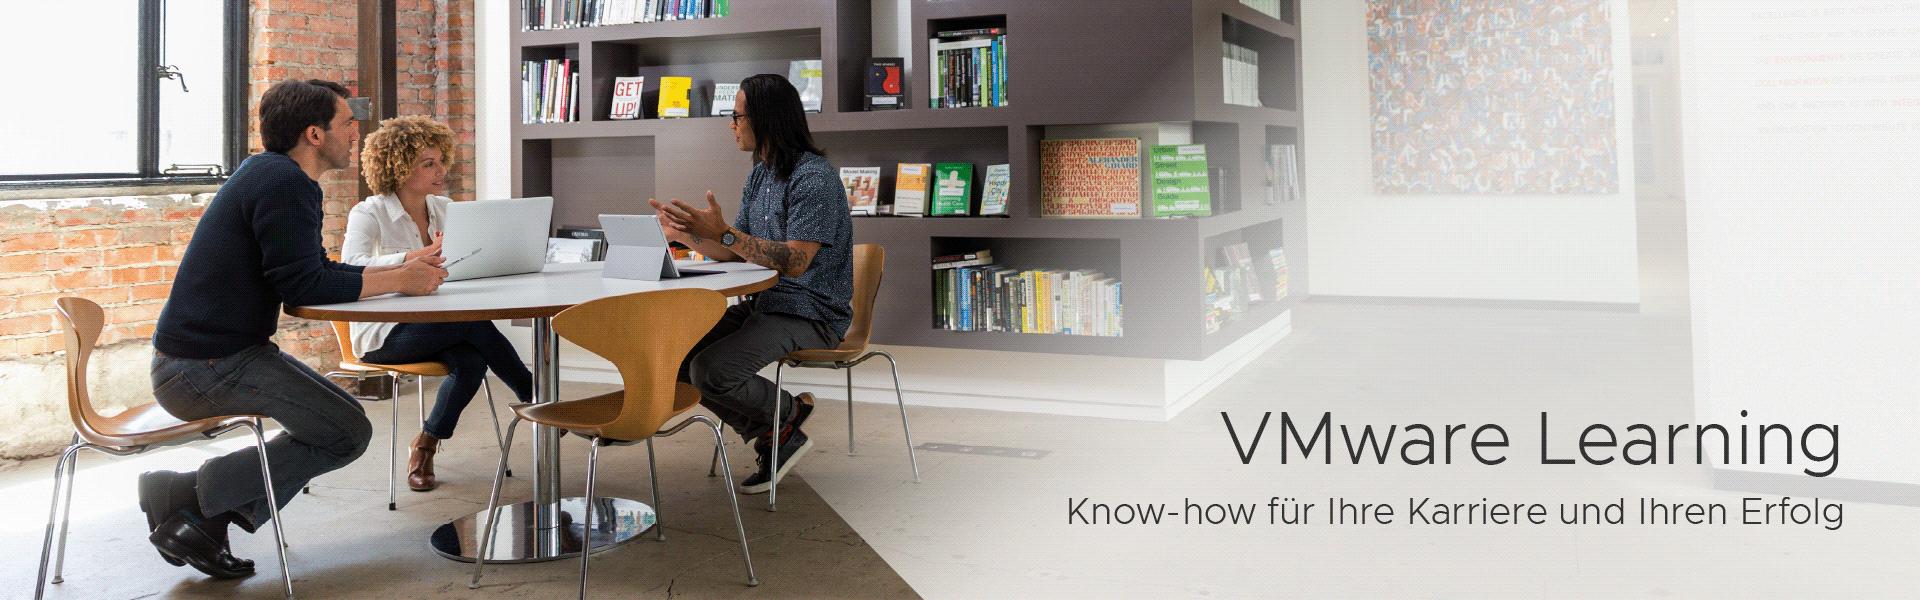 VMware Learning. Erweitern Sie Ihre Kompetenzen